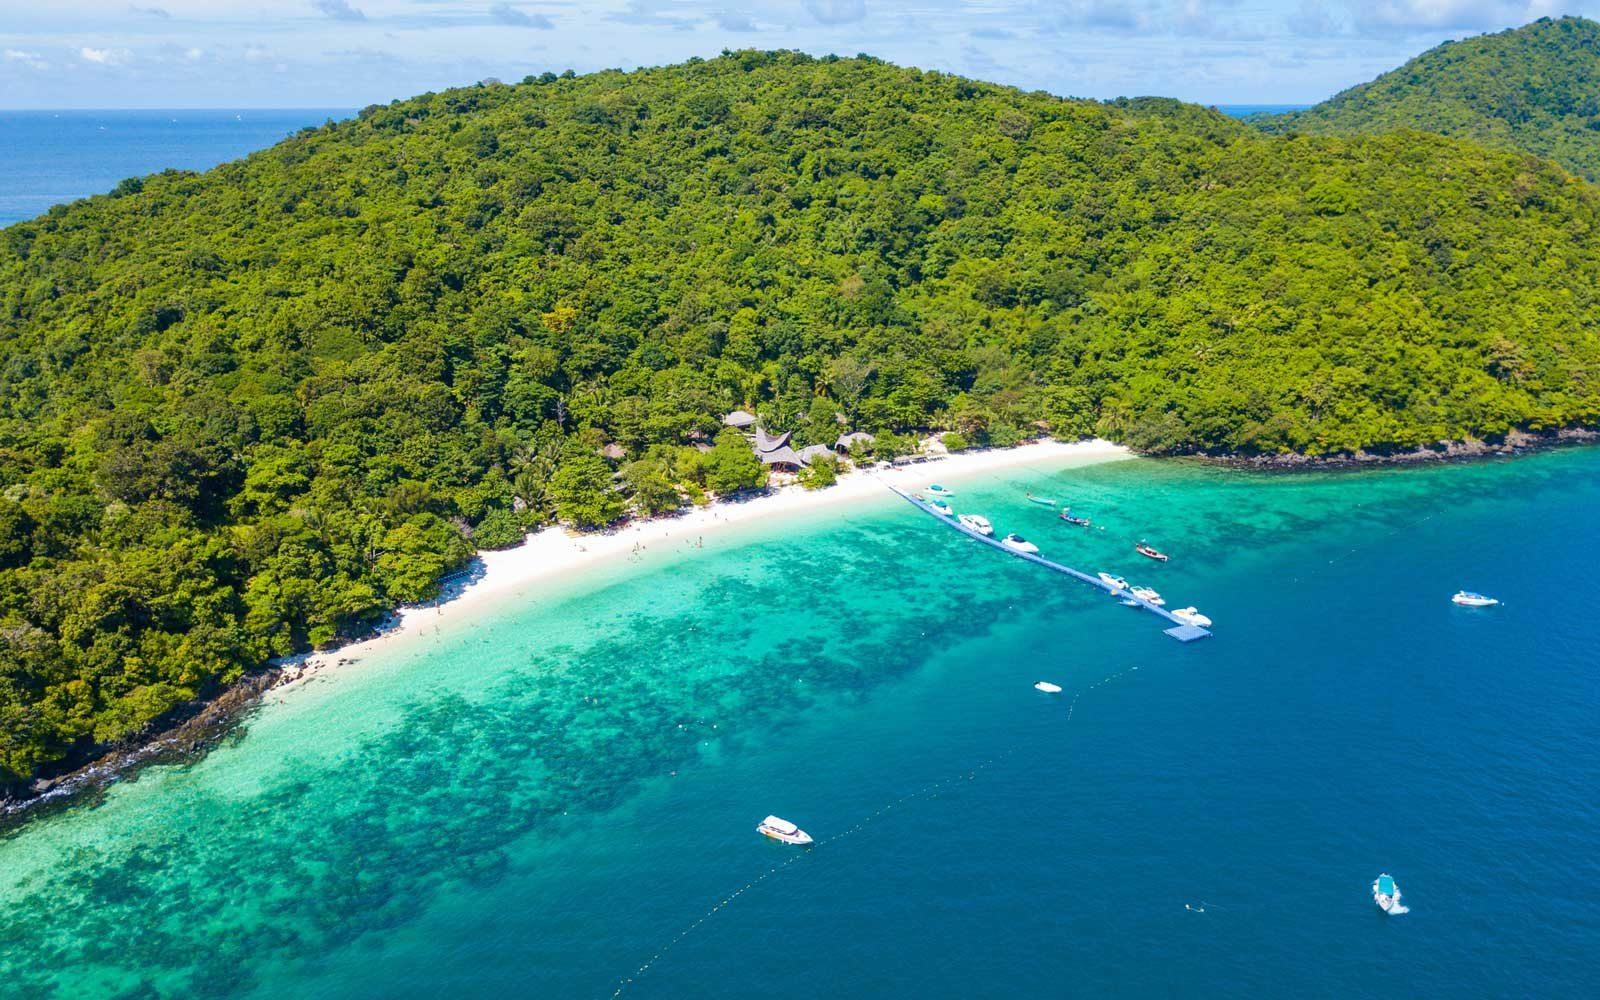 بهترین تخفیف های گردشگری در تایلند